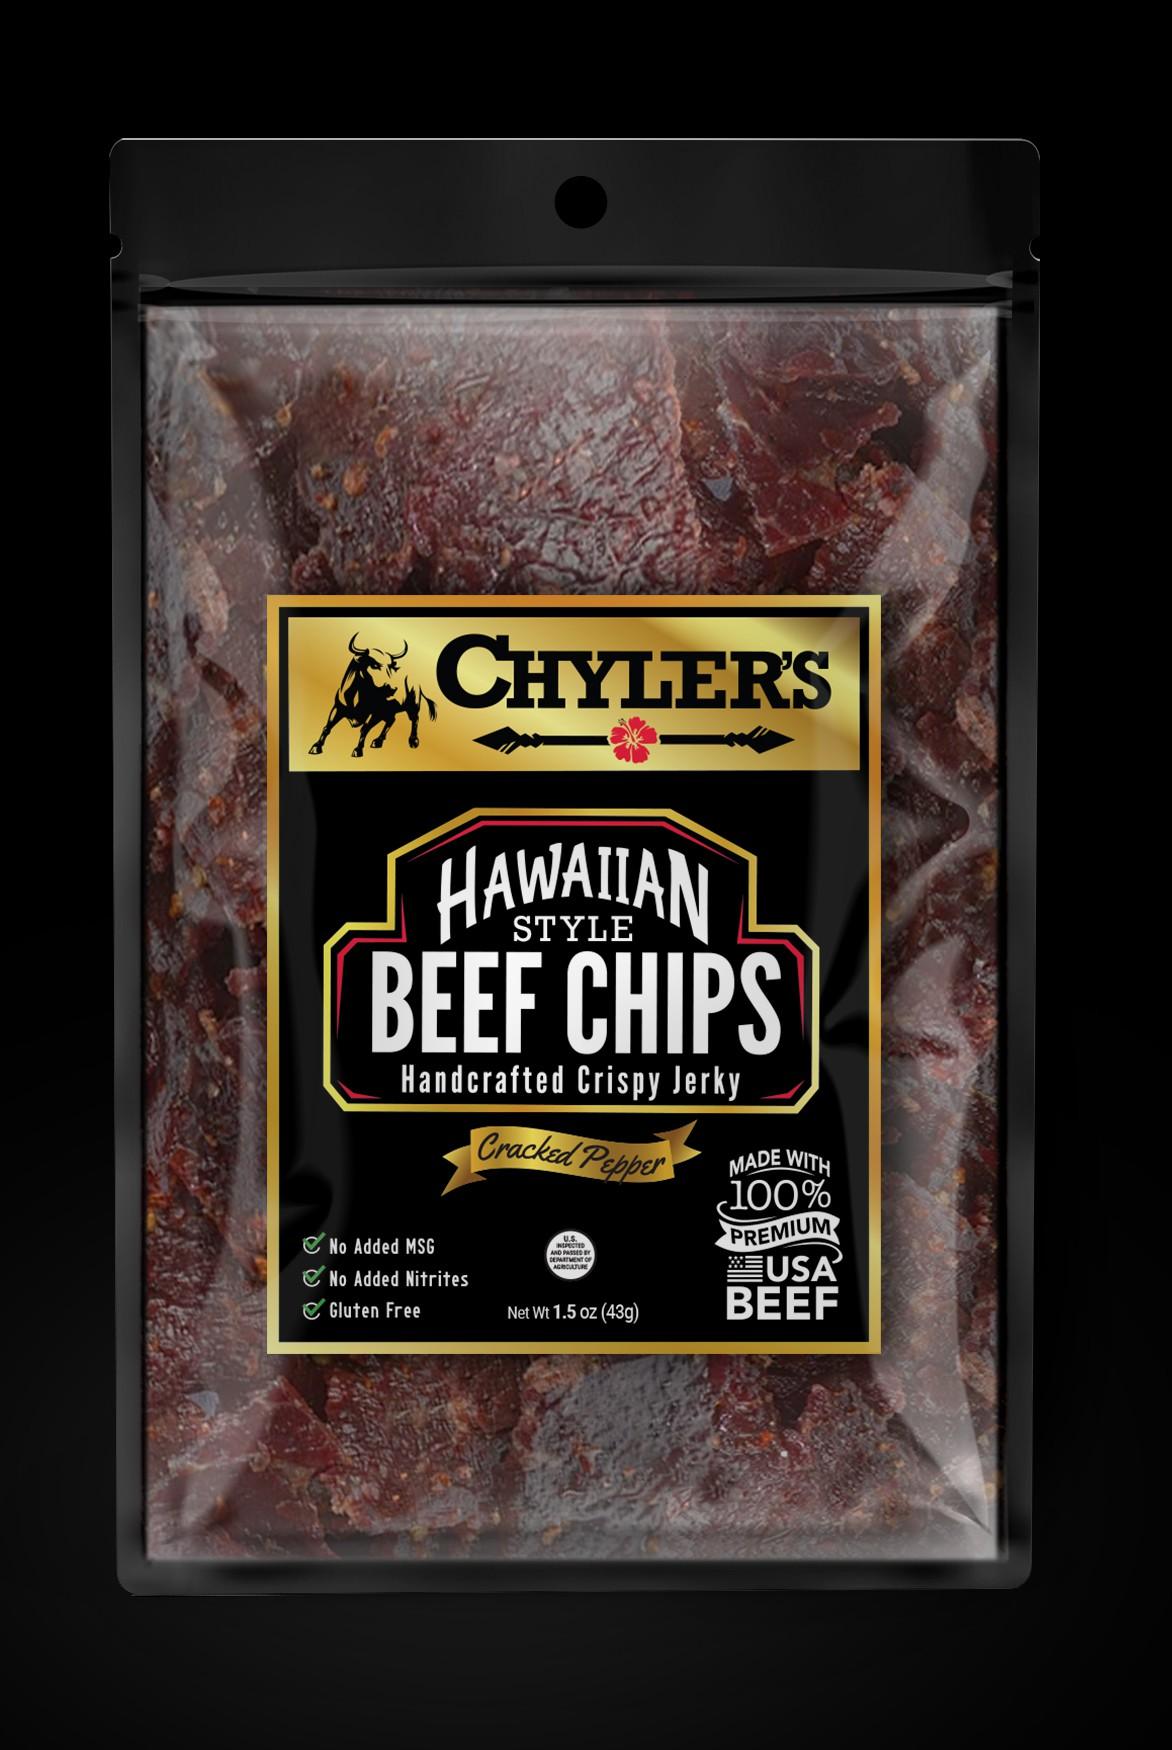 Chyler's Hawaiian Beef Chips